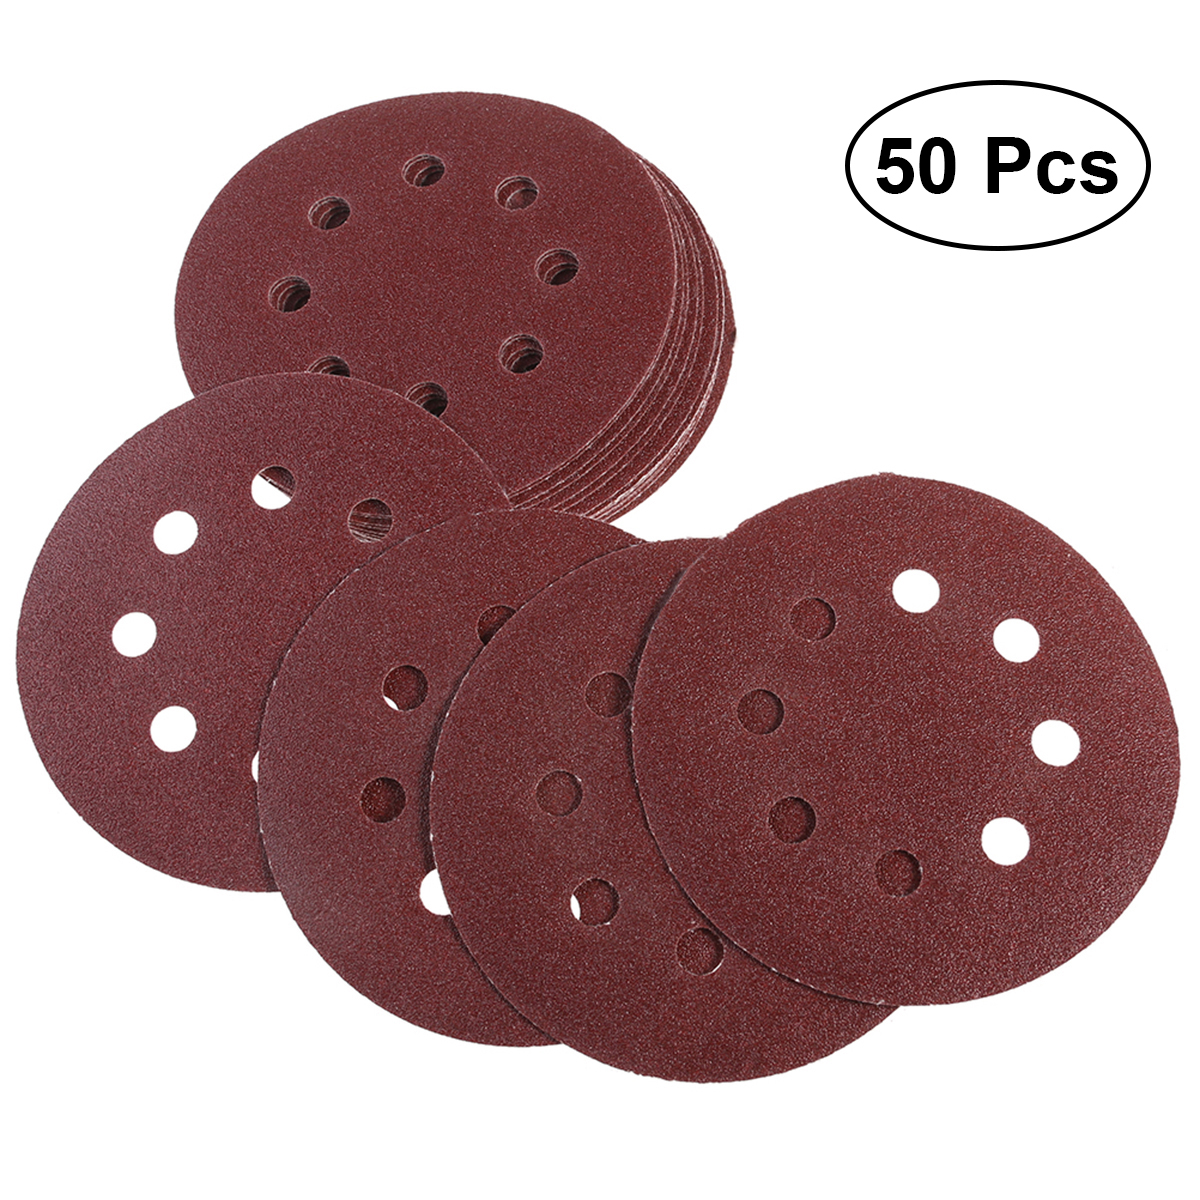 Hiretech ht7 sanding discs bosch iwht180b